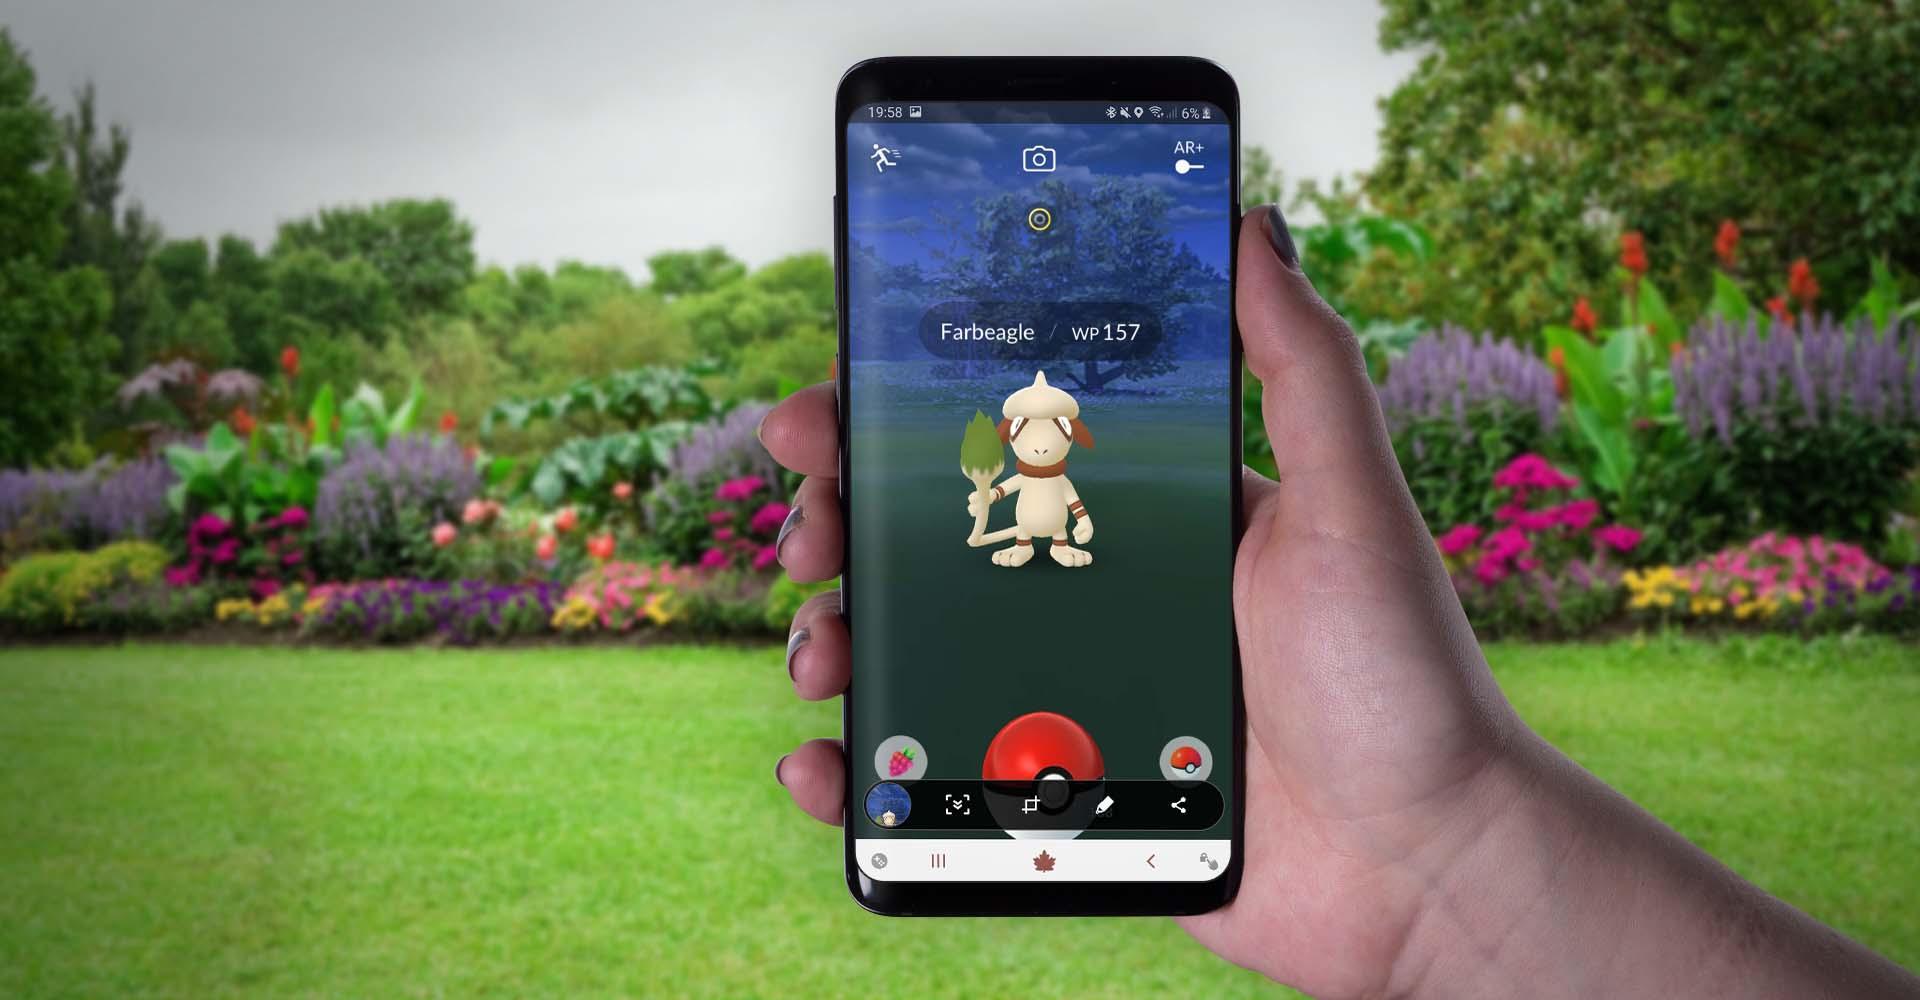 Farbeagle erscheint in Pokémon Go am Samsung Galaxy S9+.